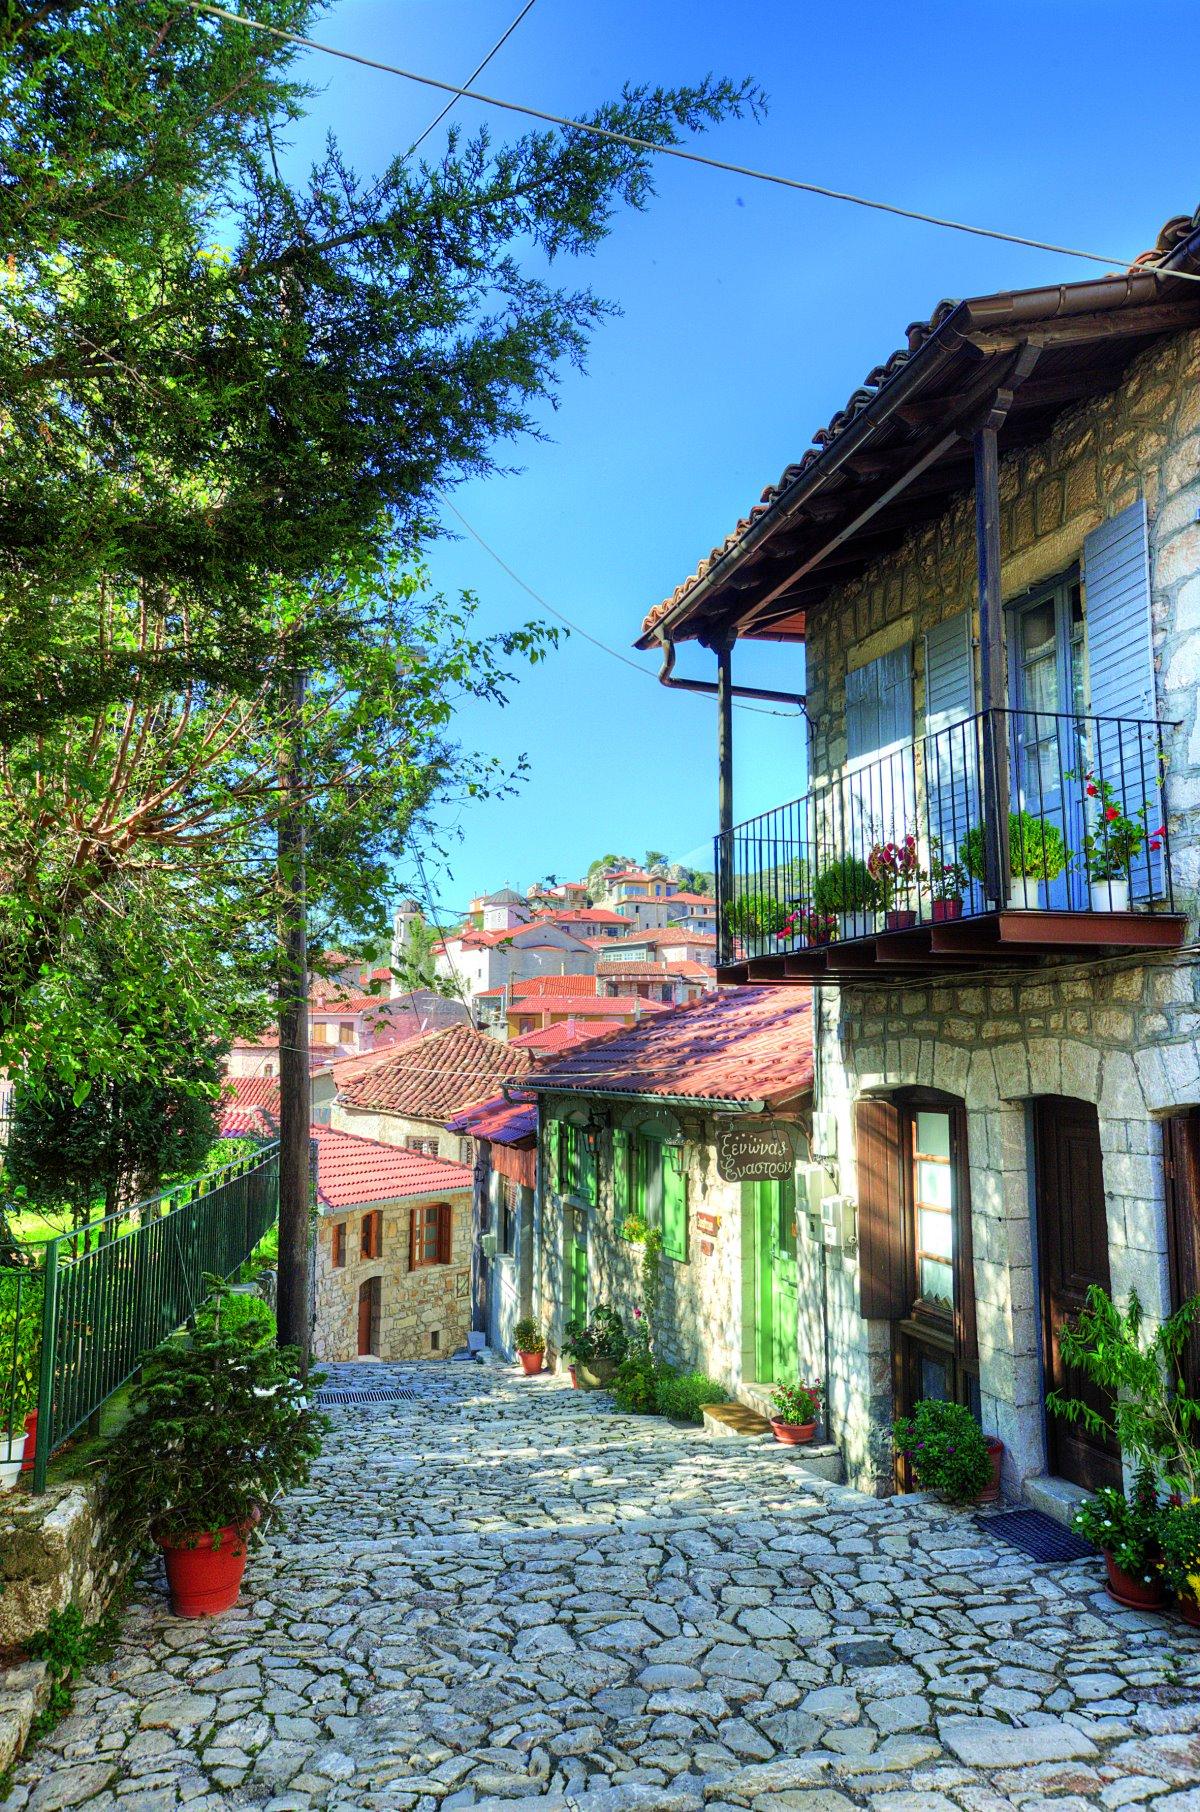 Δημητσάνα. στο κέντρο του χωριού